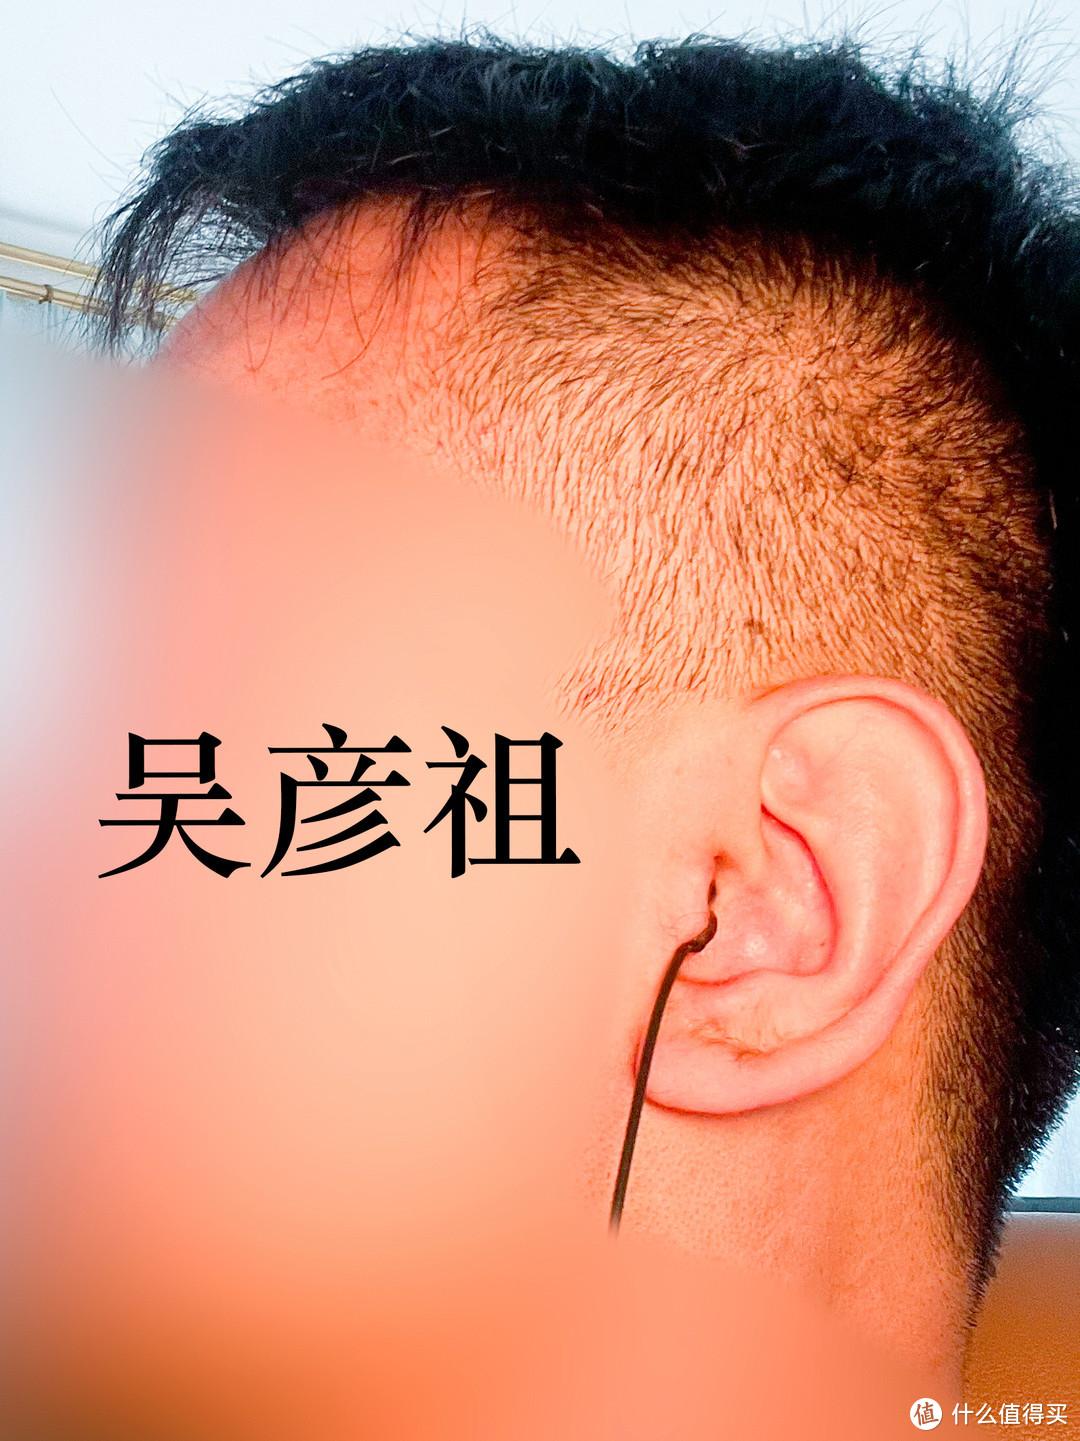 本以为耳机太小了,有可能挂不住,但实际上的佩戴效果是这样的